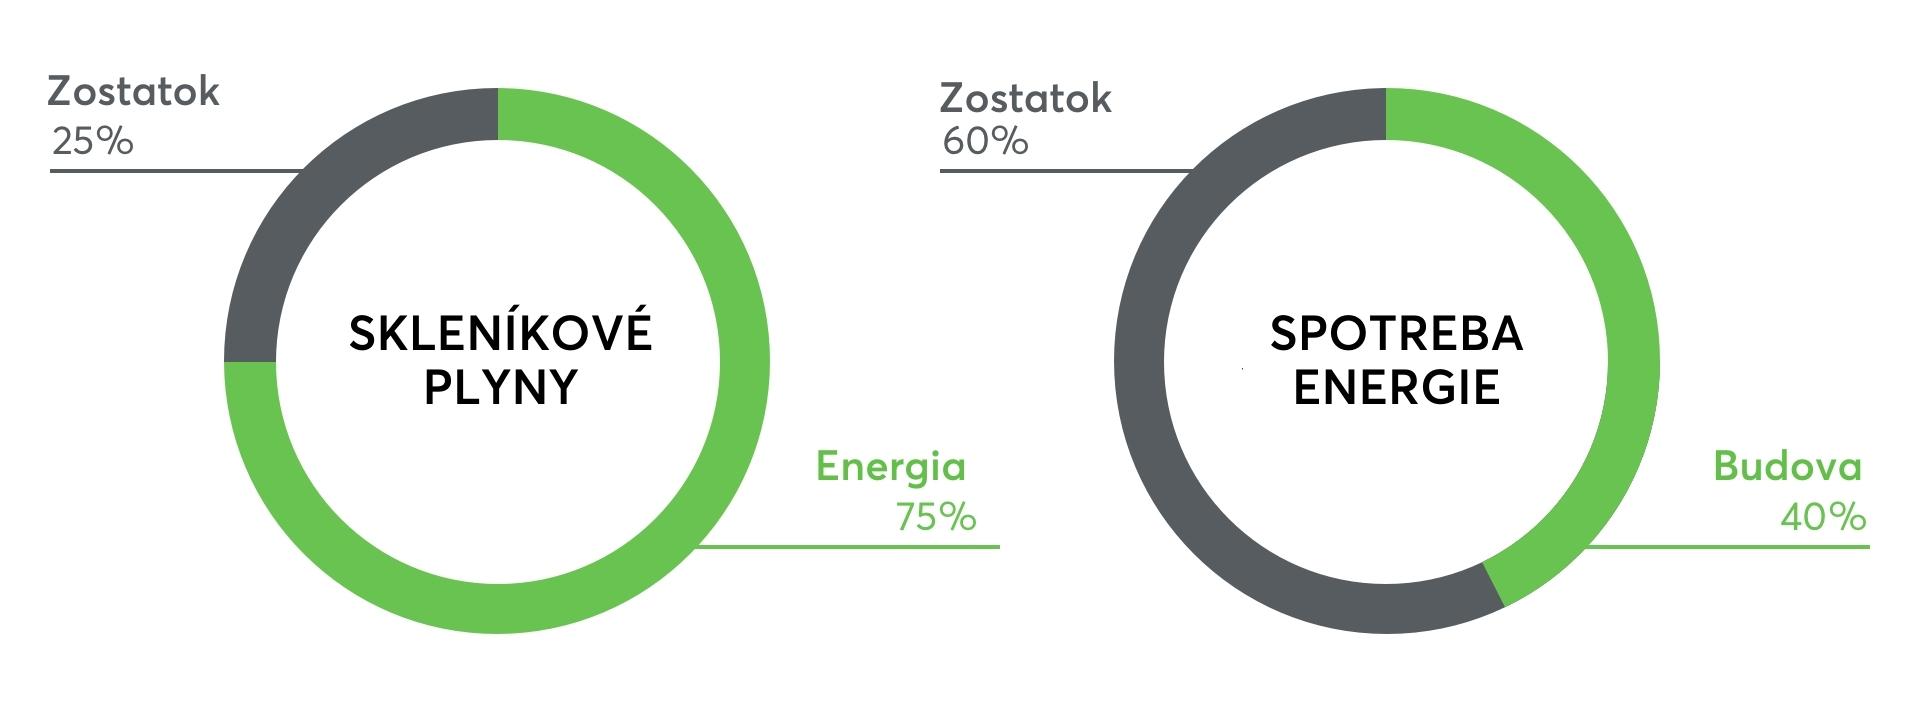 Štatistiky podľa Európskej zelenej dohody